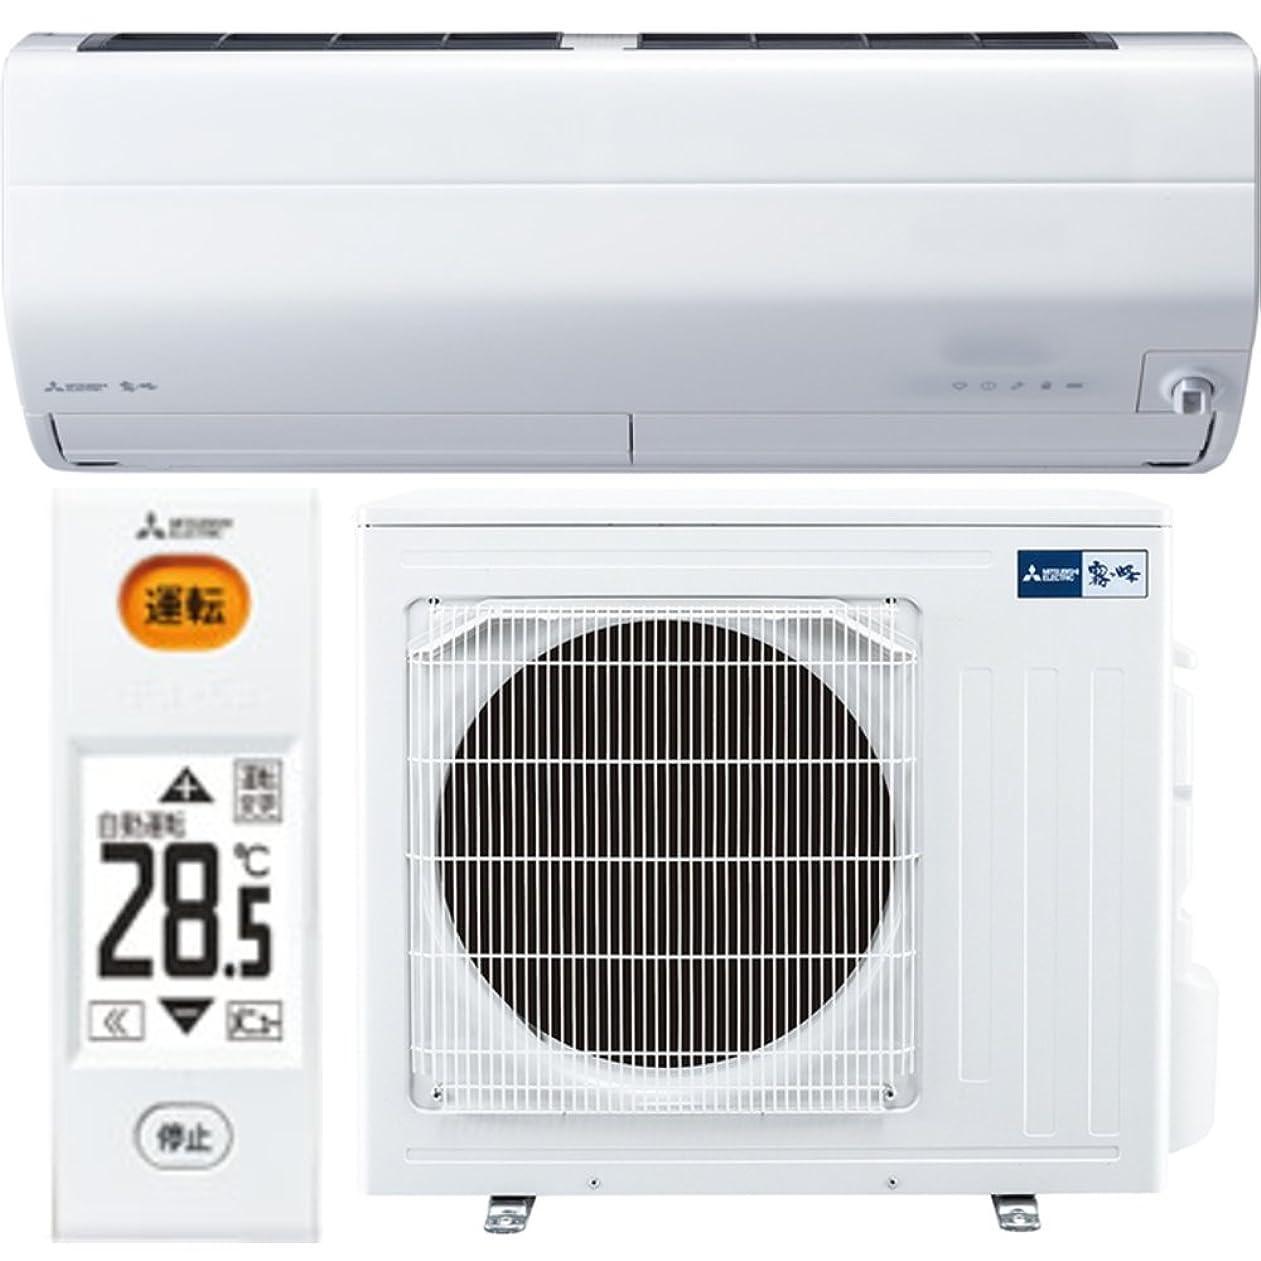 専門化する本質的ではないバッテリーアイリスオーヤマ エアコン 主に6畳用 2.2kW 標準取り付け工事費込み Wi-fi機能搭載 人感センサー付き IRA-2201W ホワイト